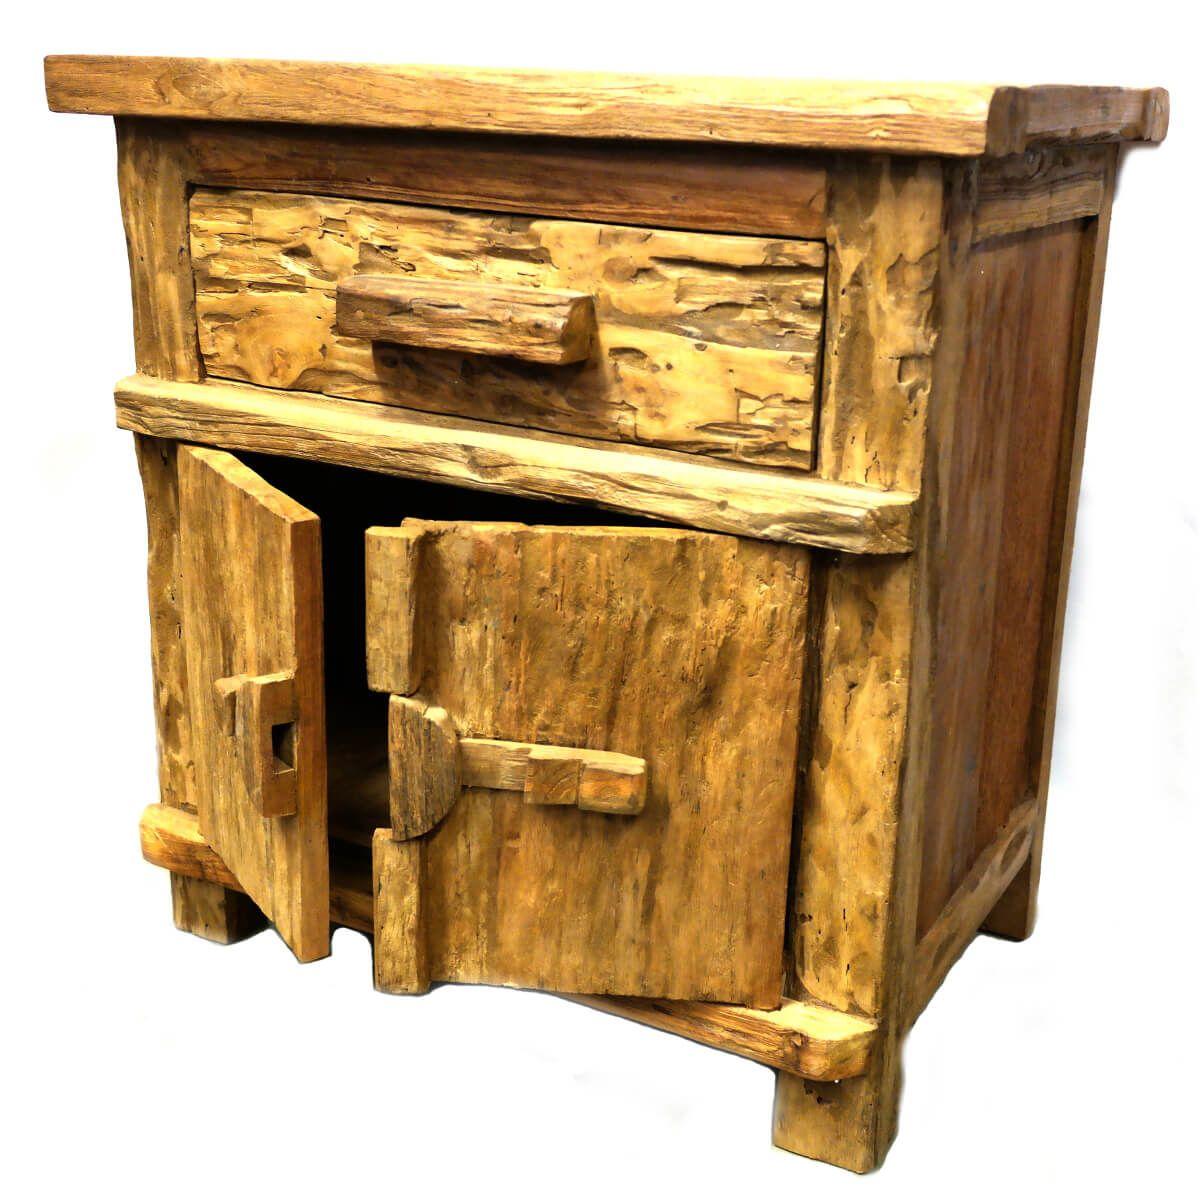 altholz kommode vintage massiv teak holz m bel unikat massivholz pur antik deko ebay. Black Bedroom Furniture Sets. Home Design Ideas